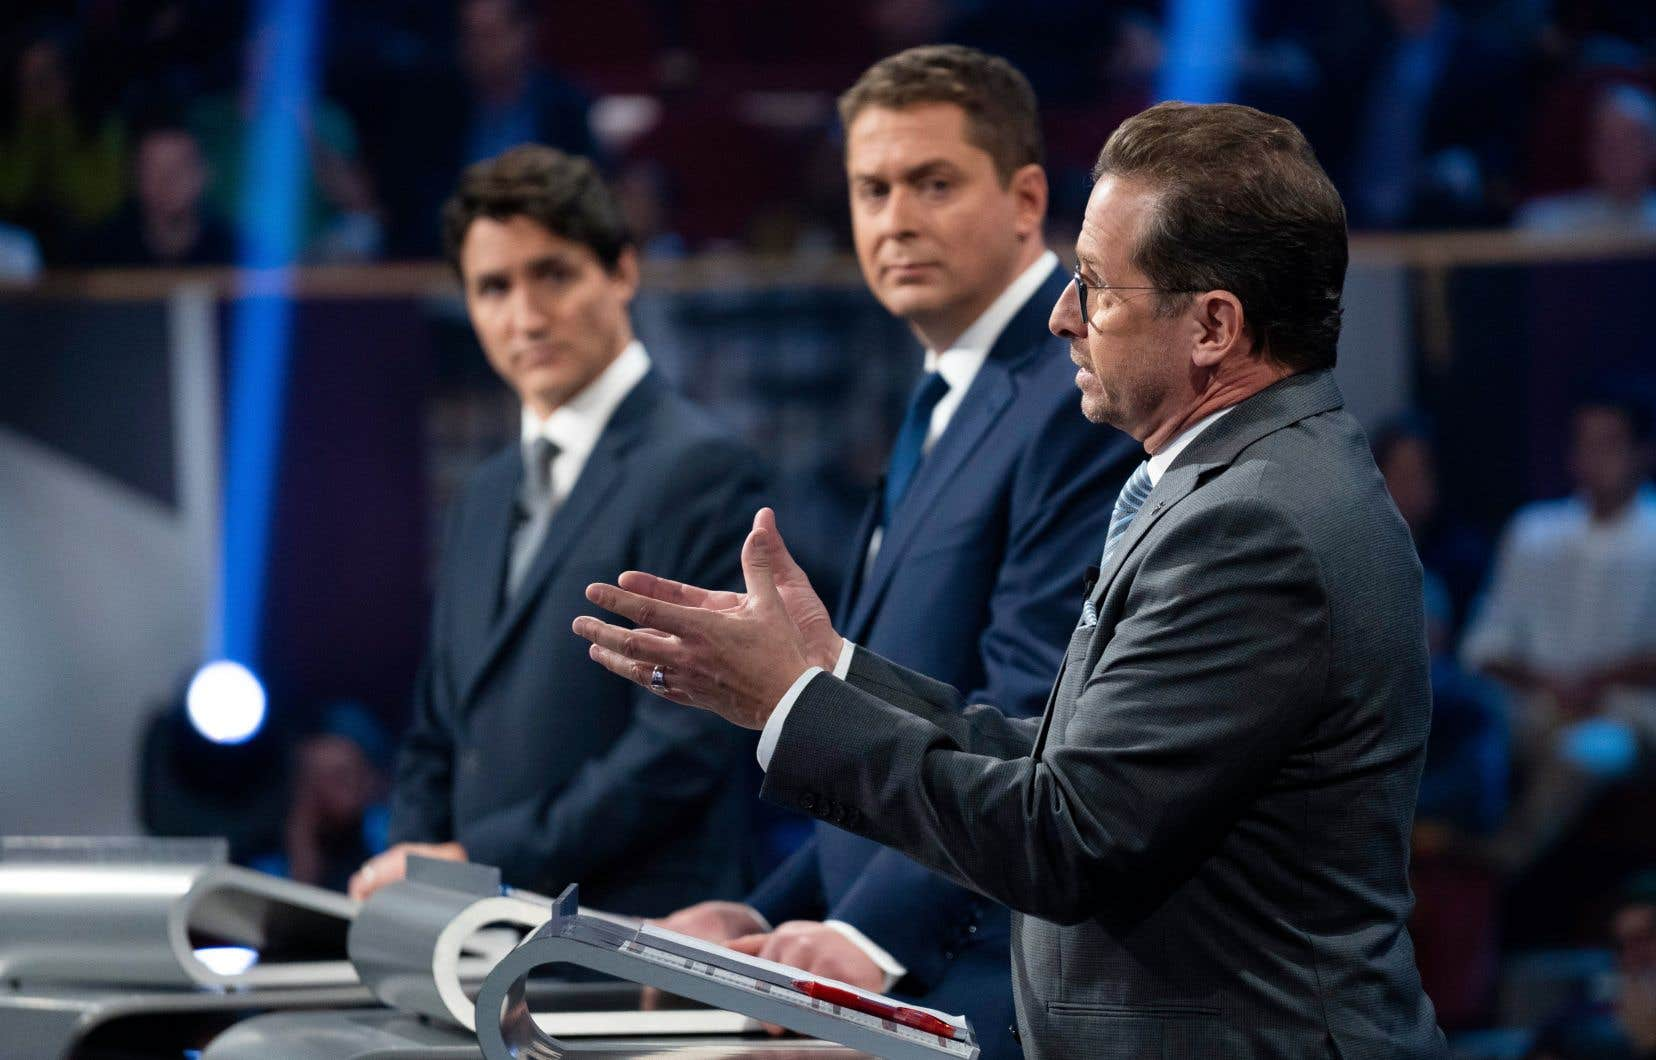 Le chef libéral Justin Trudeau, le chef conservateur Andrew Scheer et le chef du Bloc québécois, Yves-François Blanchet